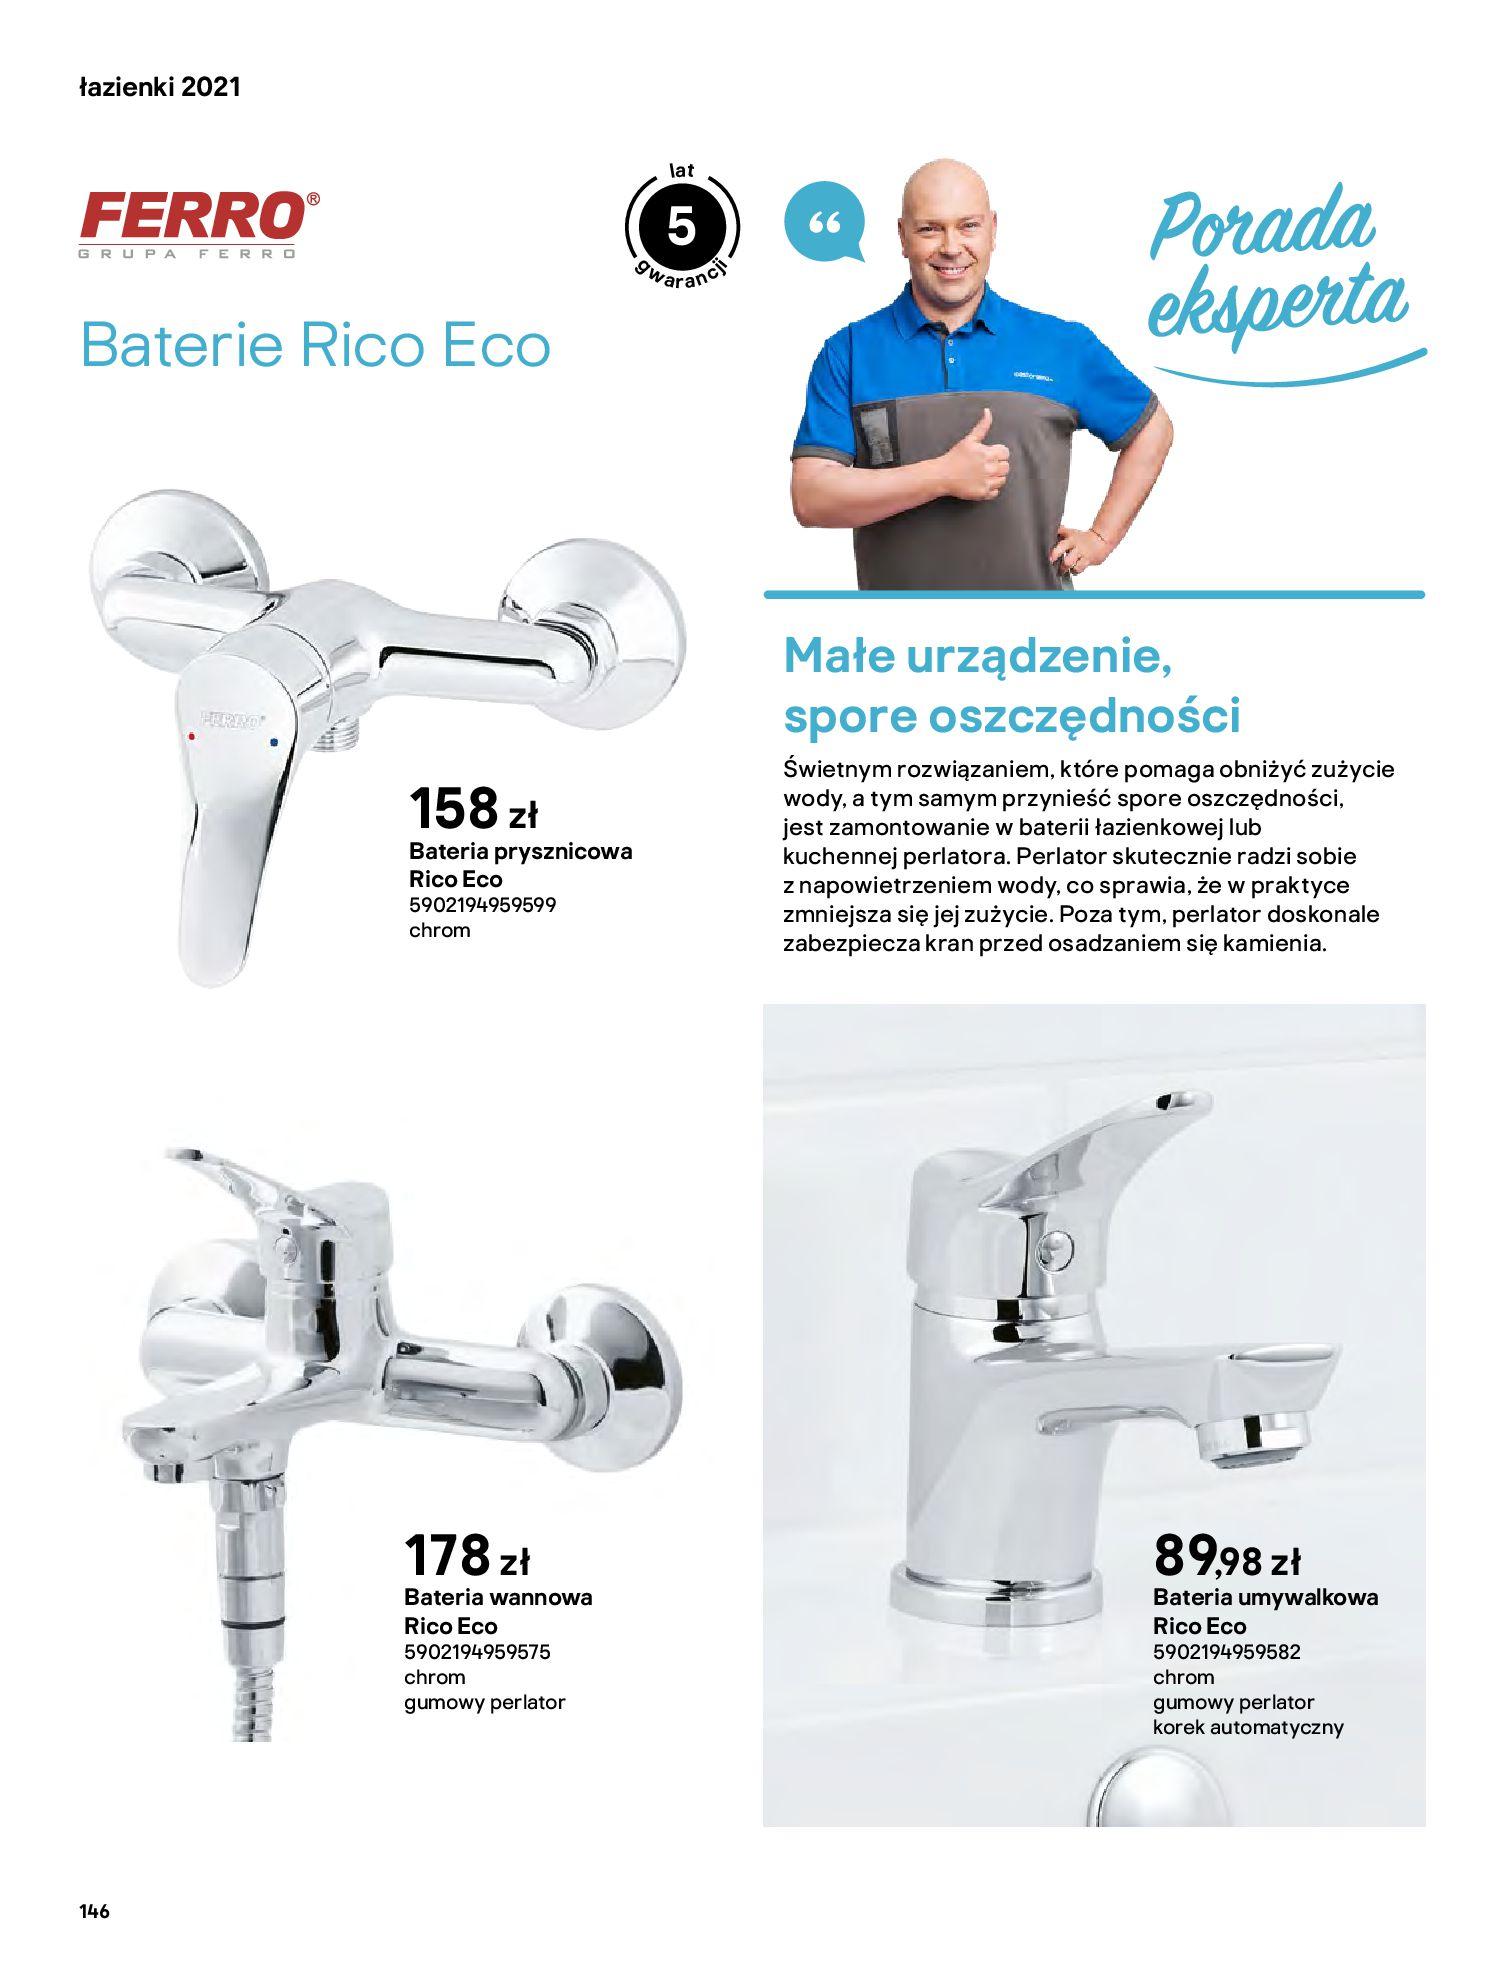 Gazetka Castorama: Gazetka Castorama - katalog łazienki 2021 2021-06-16 page-146